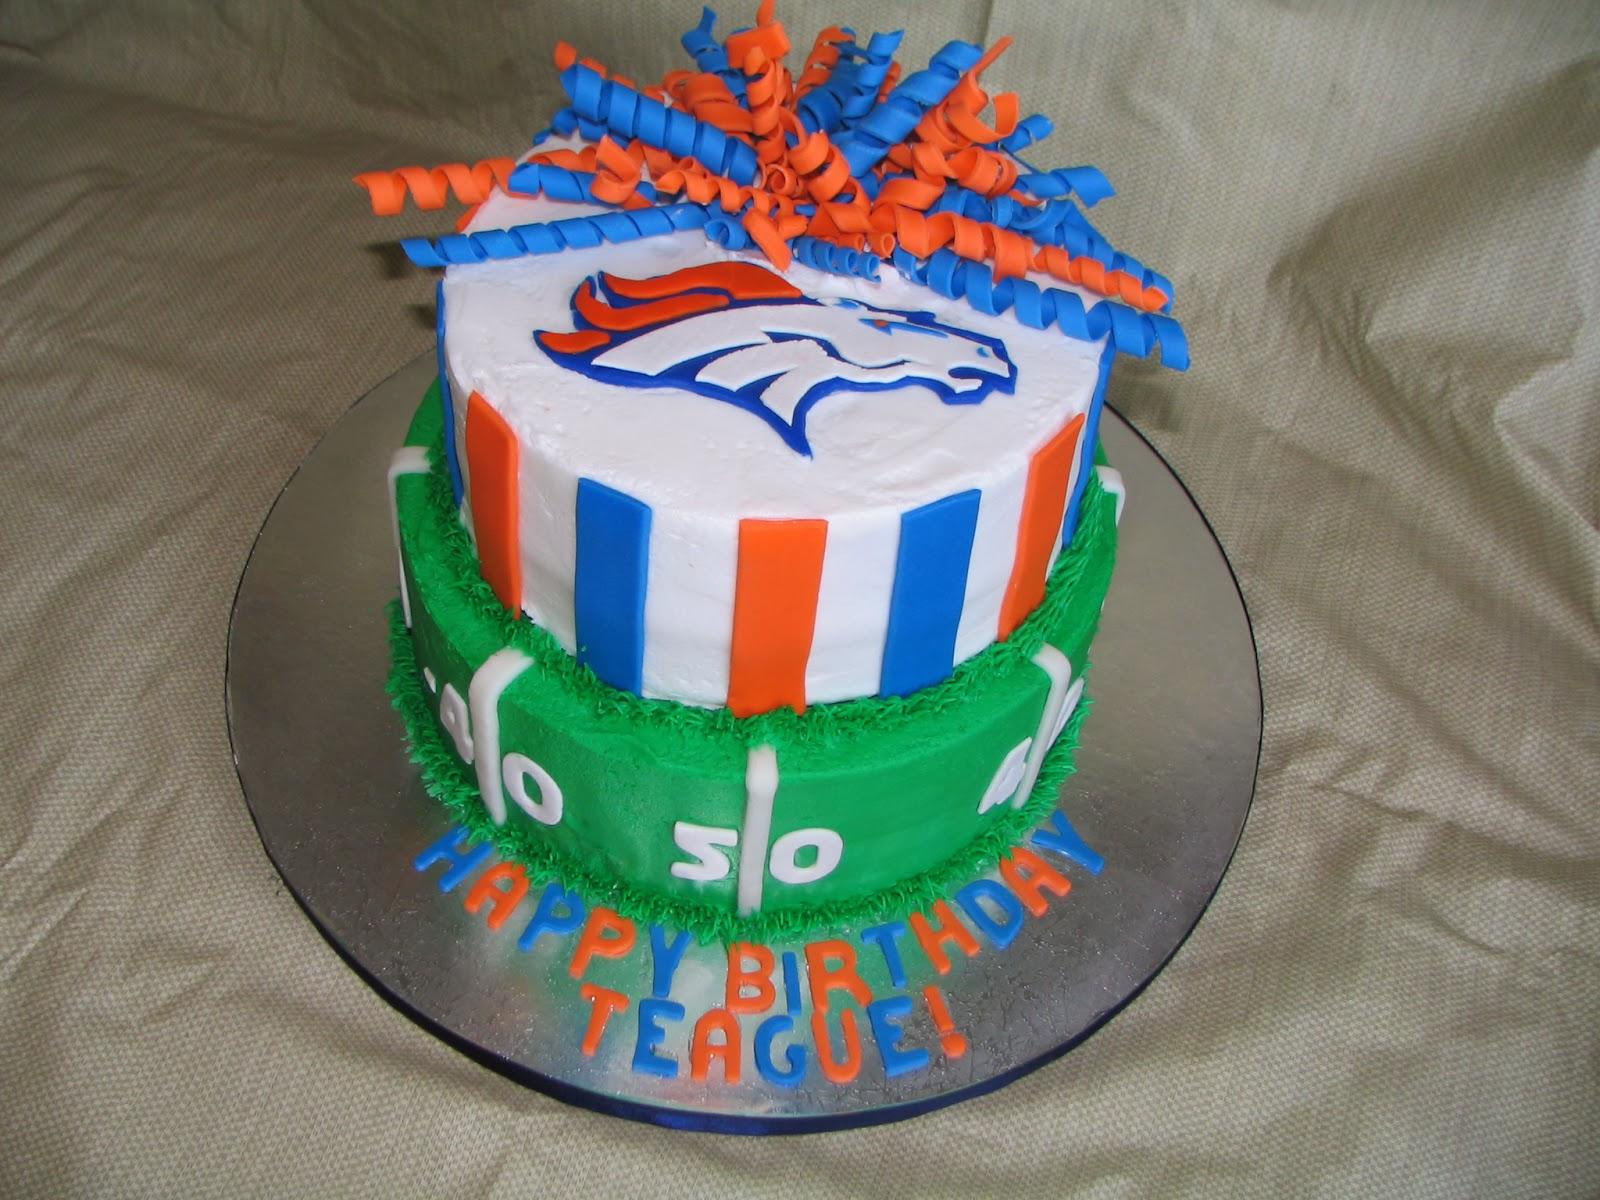 Piped Dreams Denver Broncos Cake